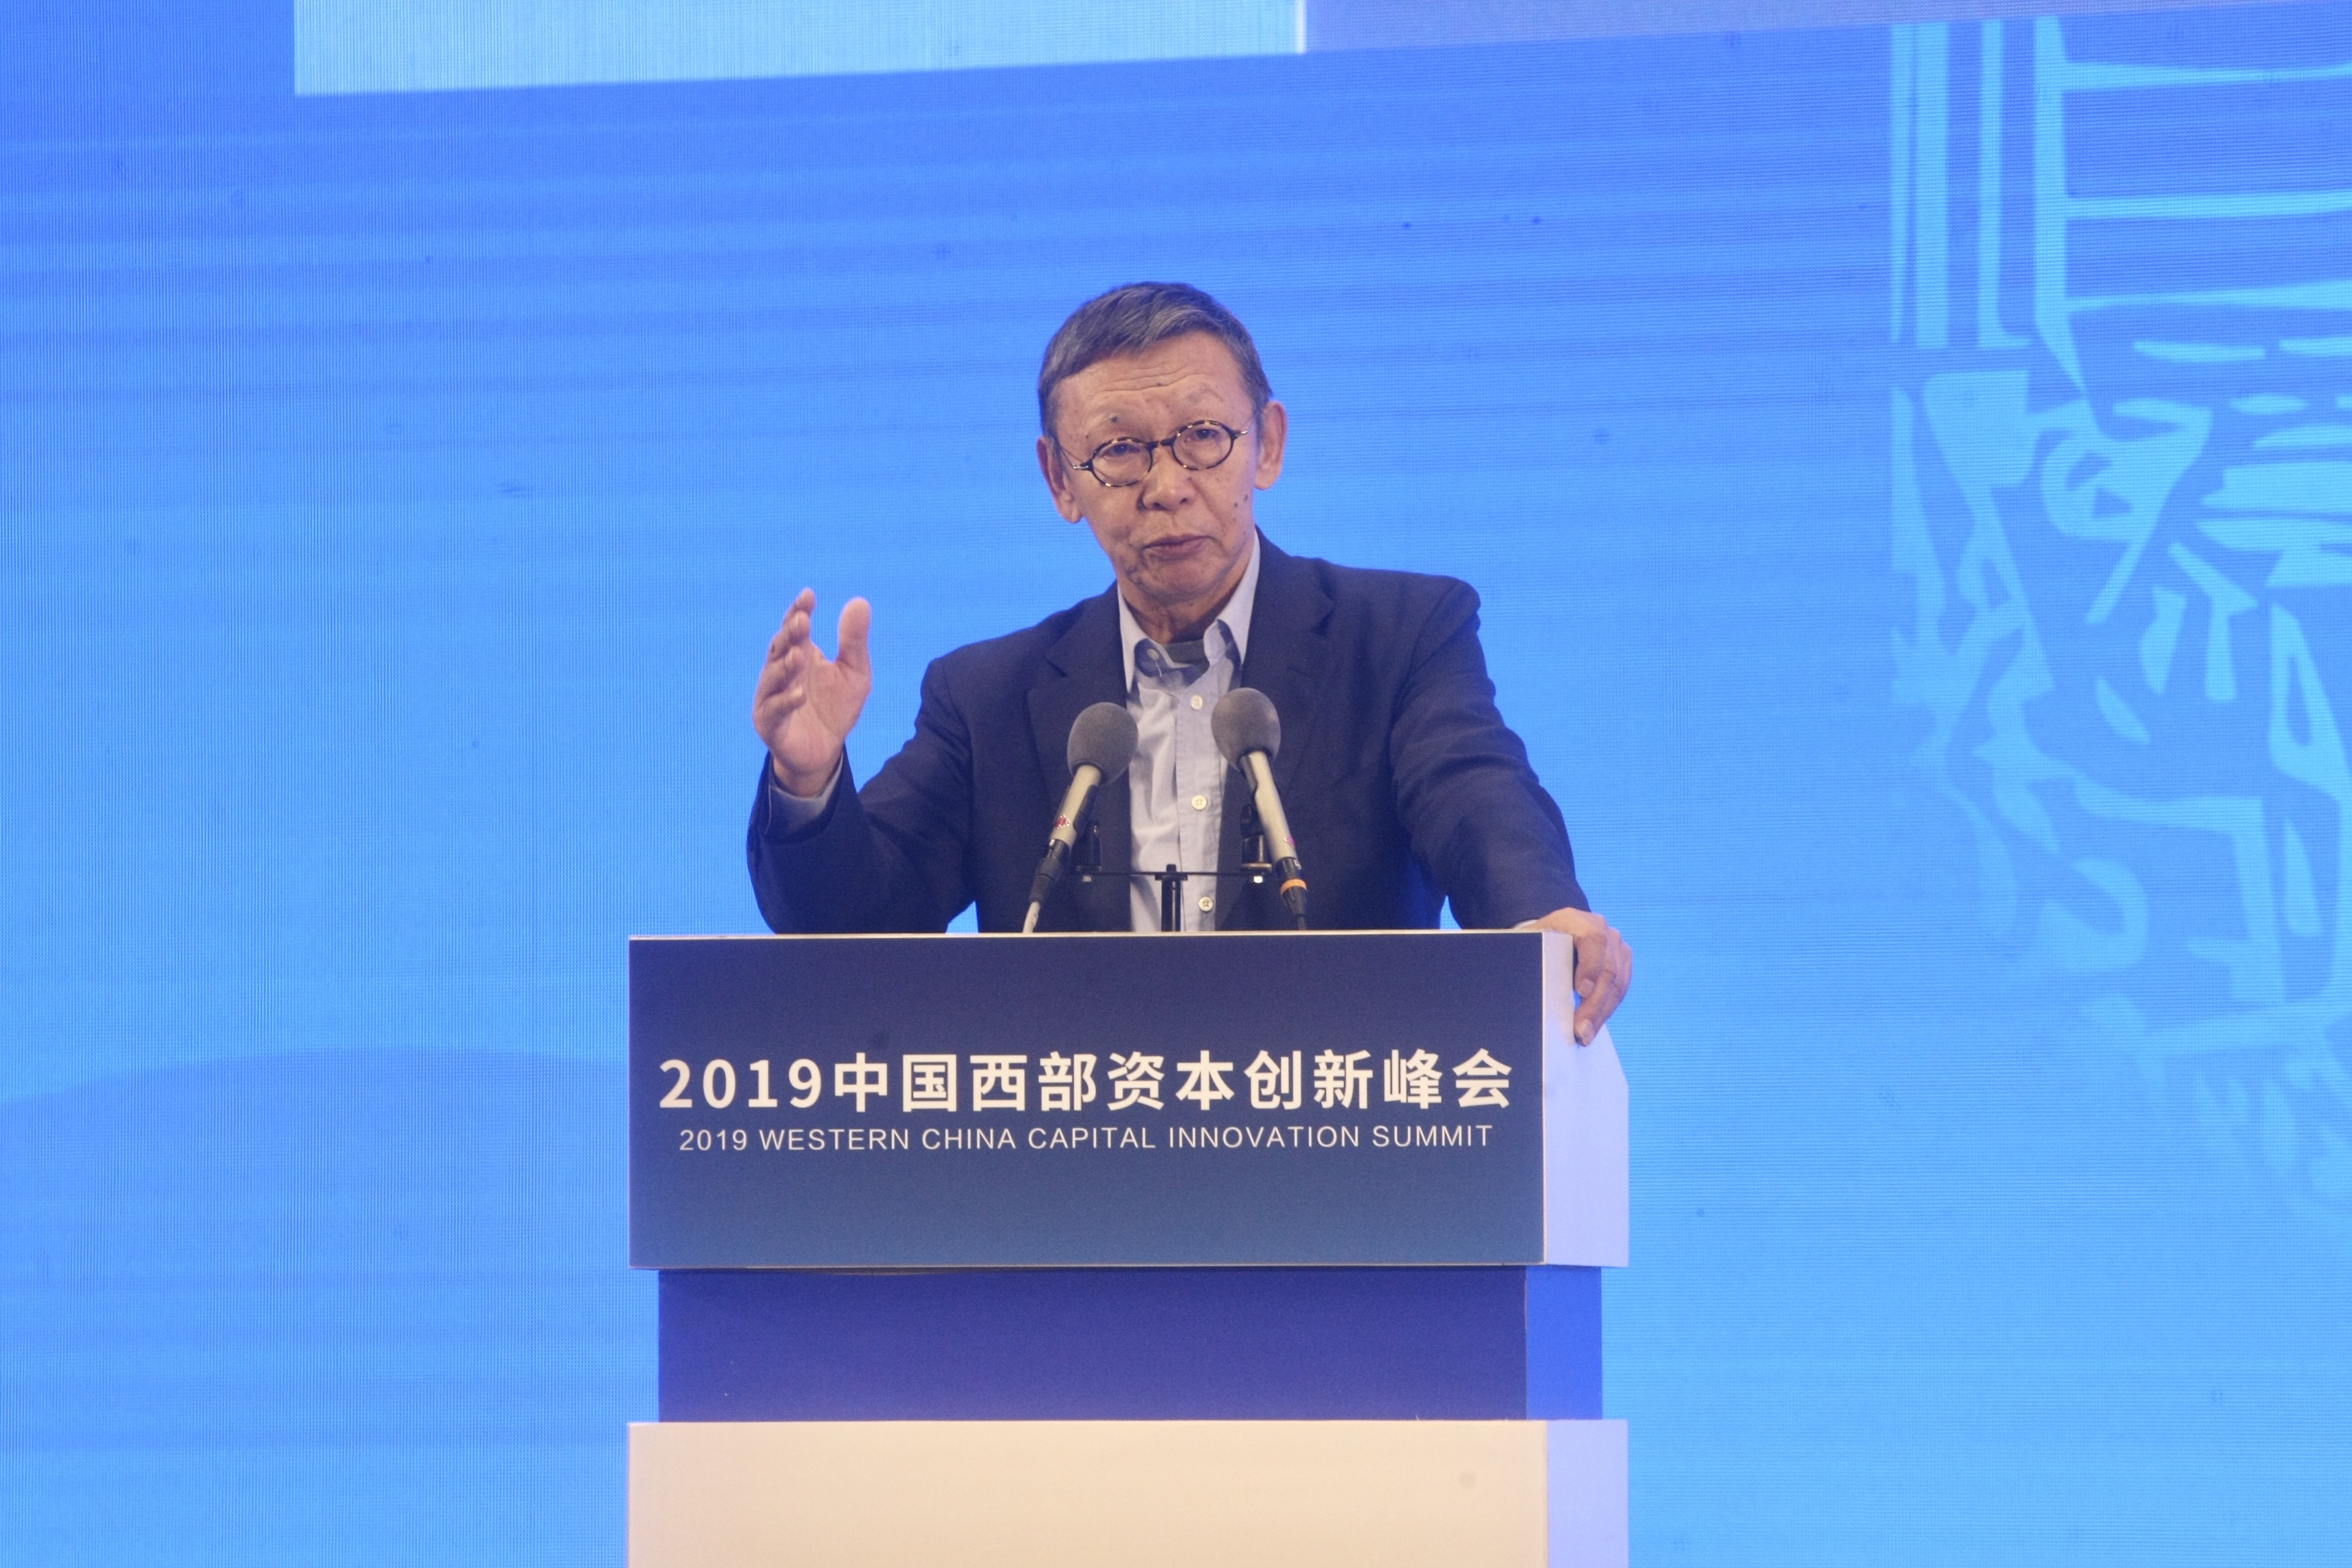 蔡鄂生:金融中心的建设要靠文化、金融生态和服务